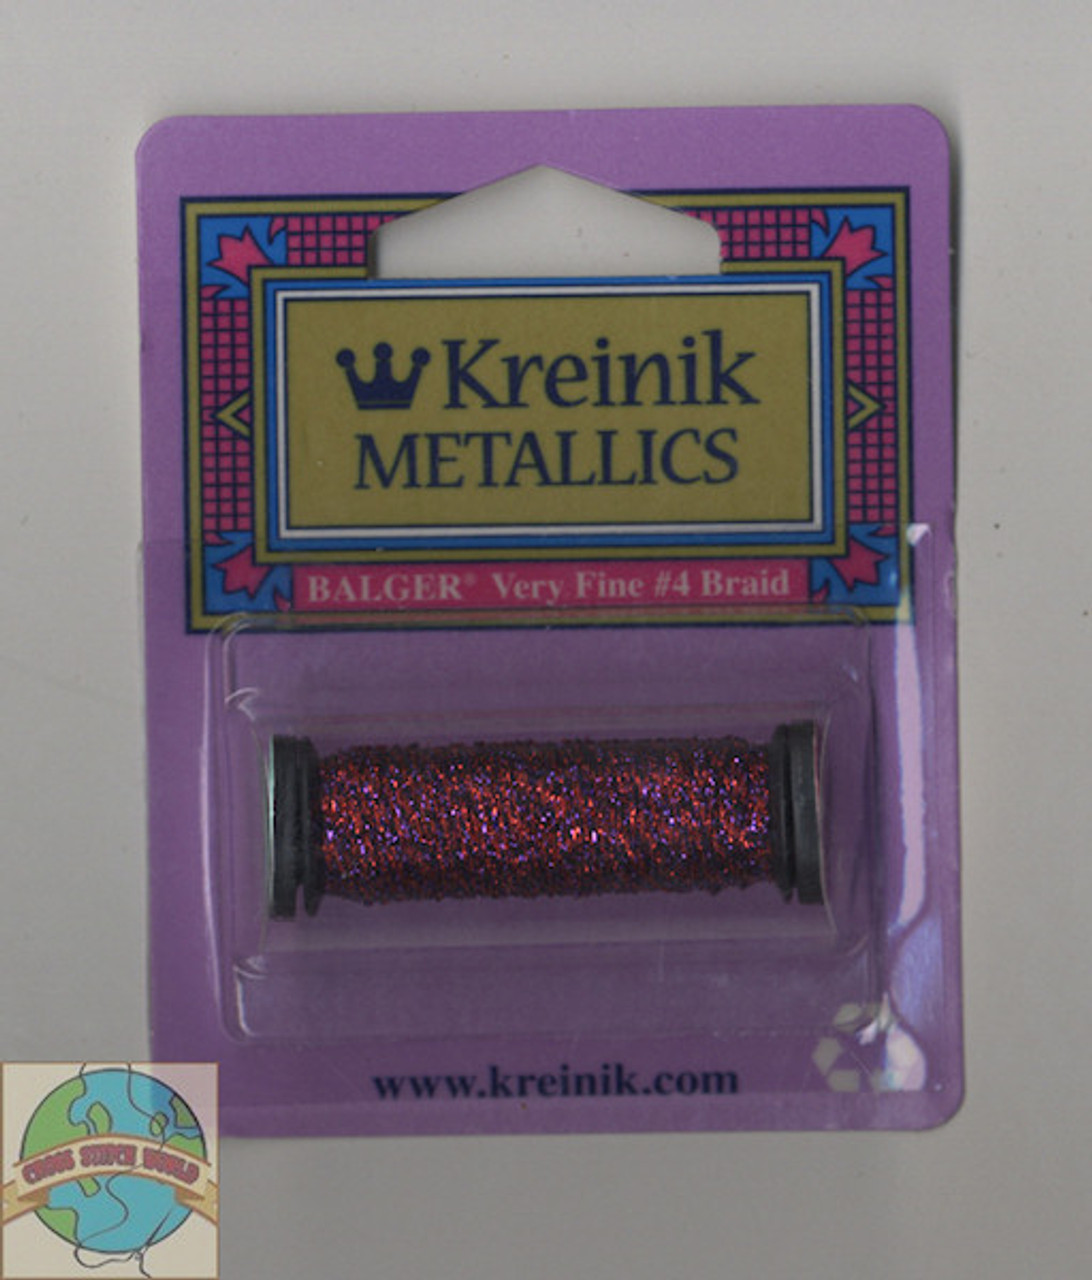 Kreinik Metallics - Very Fine #4 Hibiscus 326